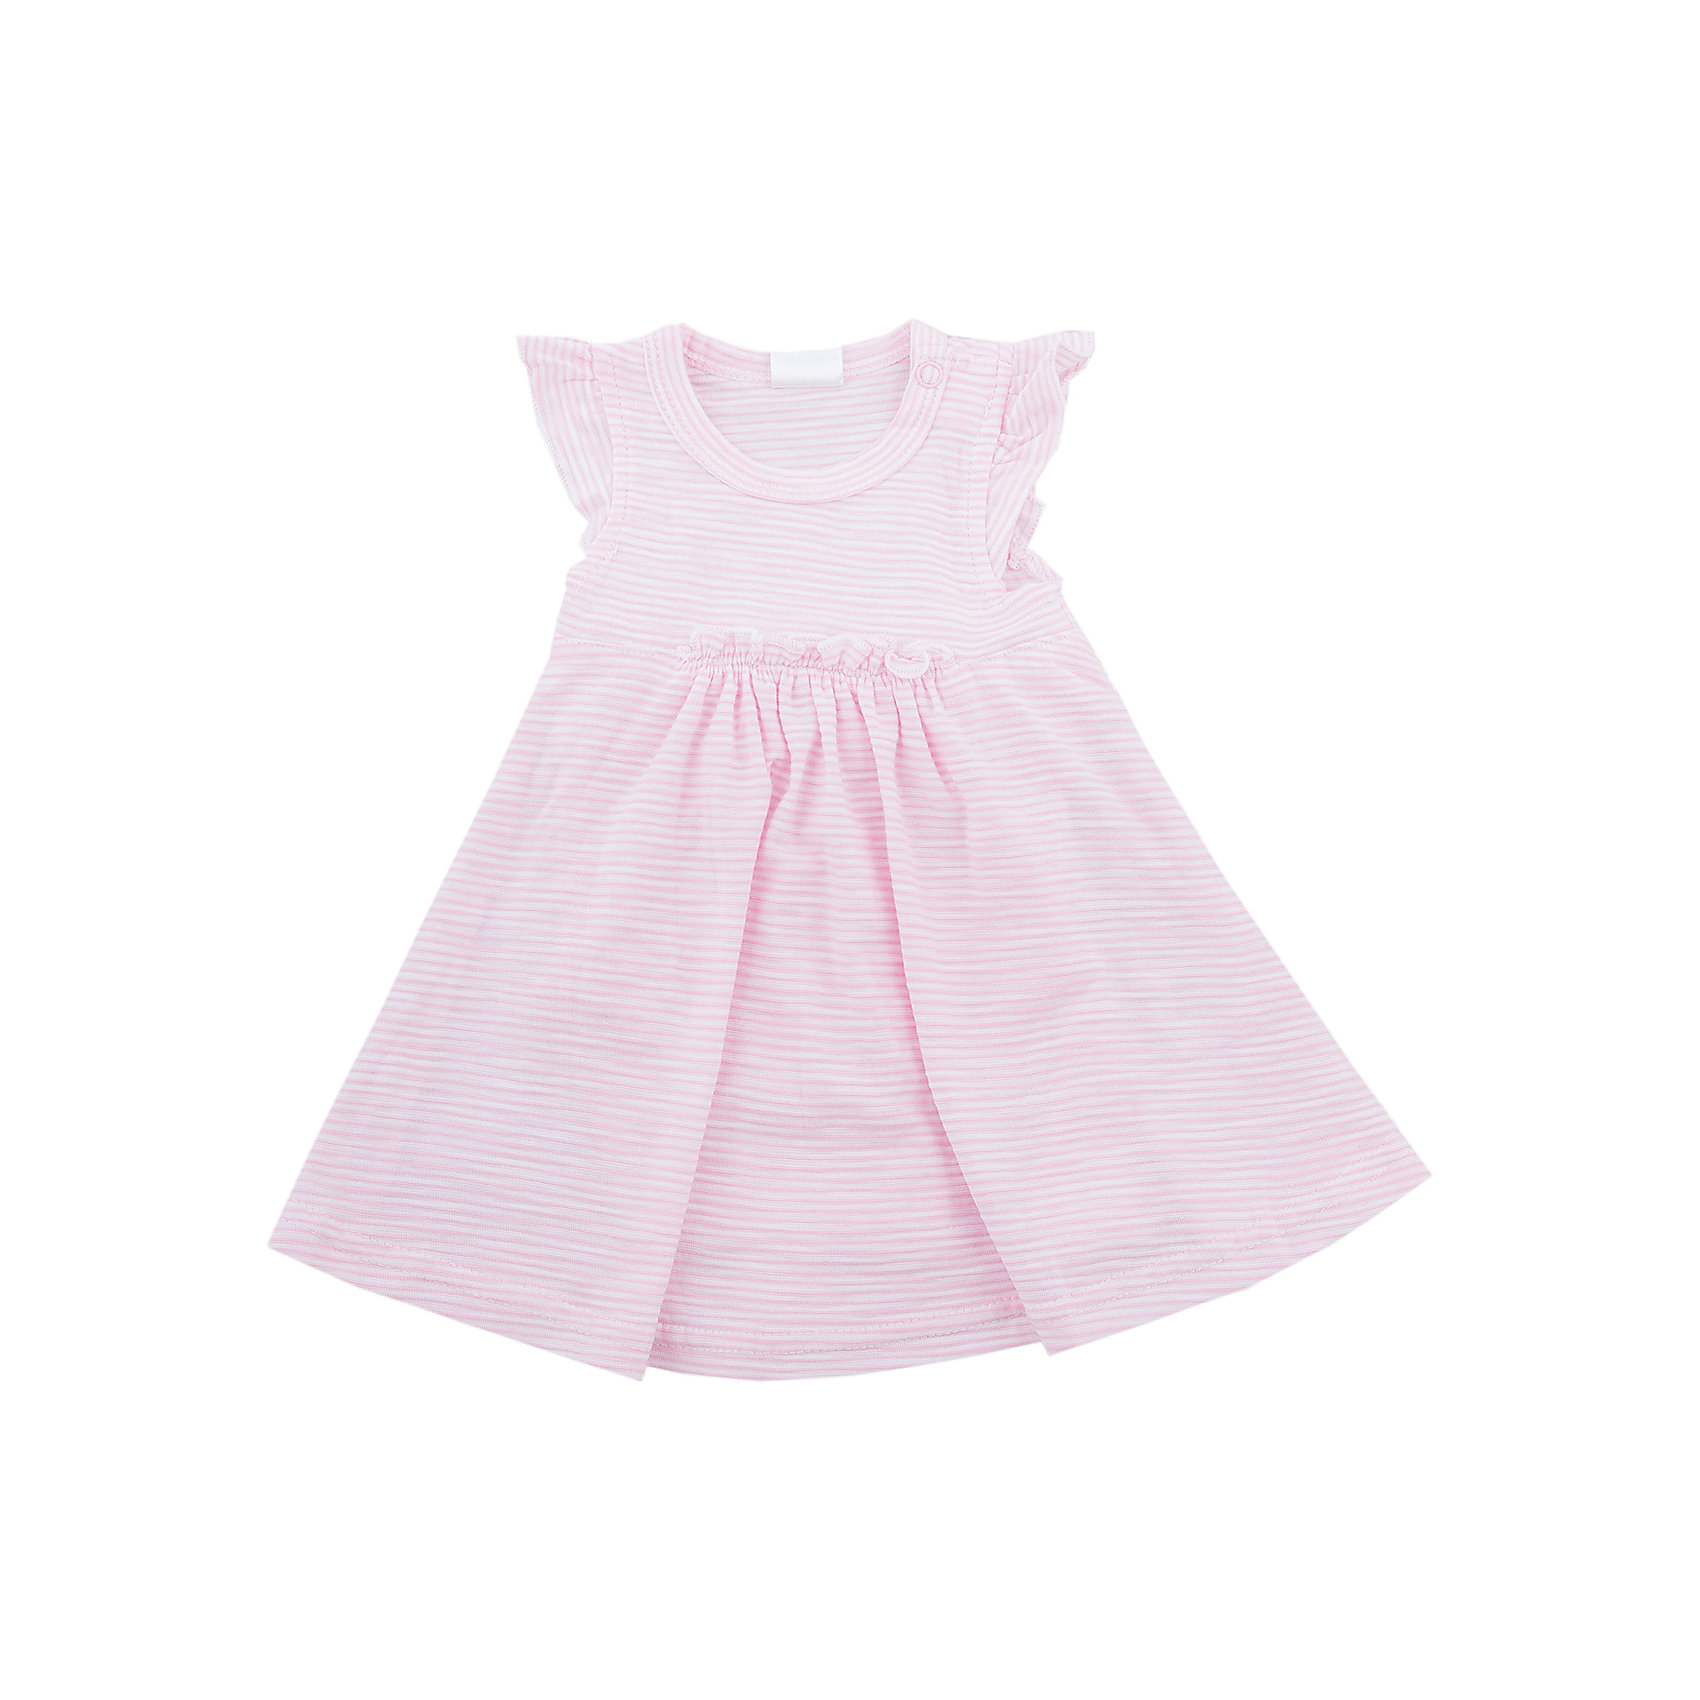 Платье для девочки PlayTodayПлатья<br>Платье для девочки PlayToday<br>Платье с завышенной талией, с округлым вырезом у горловины, понравится Вашей моднице.  Свободный крой не сковывает движений. Приятная на ощупь ткань не раздражает нежную кожу ребенка. Модель на рукавах декорирована небольшими оборками, что создает эффект крылышекПреимущества: Мягкая ткань не вызывает раздраженийСвободный крой не сковывает движений ребенка<br>Состав:<br>100% хлопок<br><br>Ширина мм: 236<br>Глубина мм: 16<br>Высота мм: 184<br>Вес г: 177<br>Цвет: разноцветный<br>Возраст от месяцев: 6<br>Возраст до месяцев: 9<br>Пол: Женский<br>Возраст: Детский<br>Размер: 74,56,62,68<br>SKU: 5408495